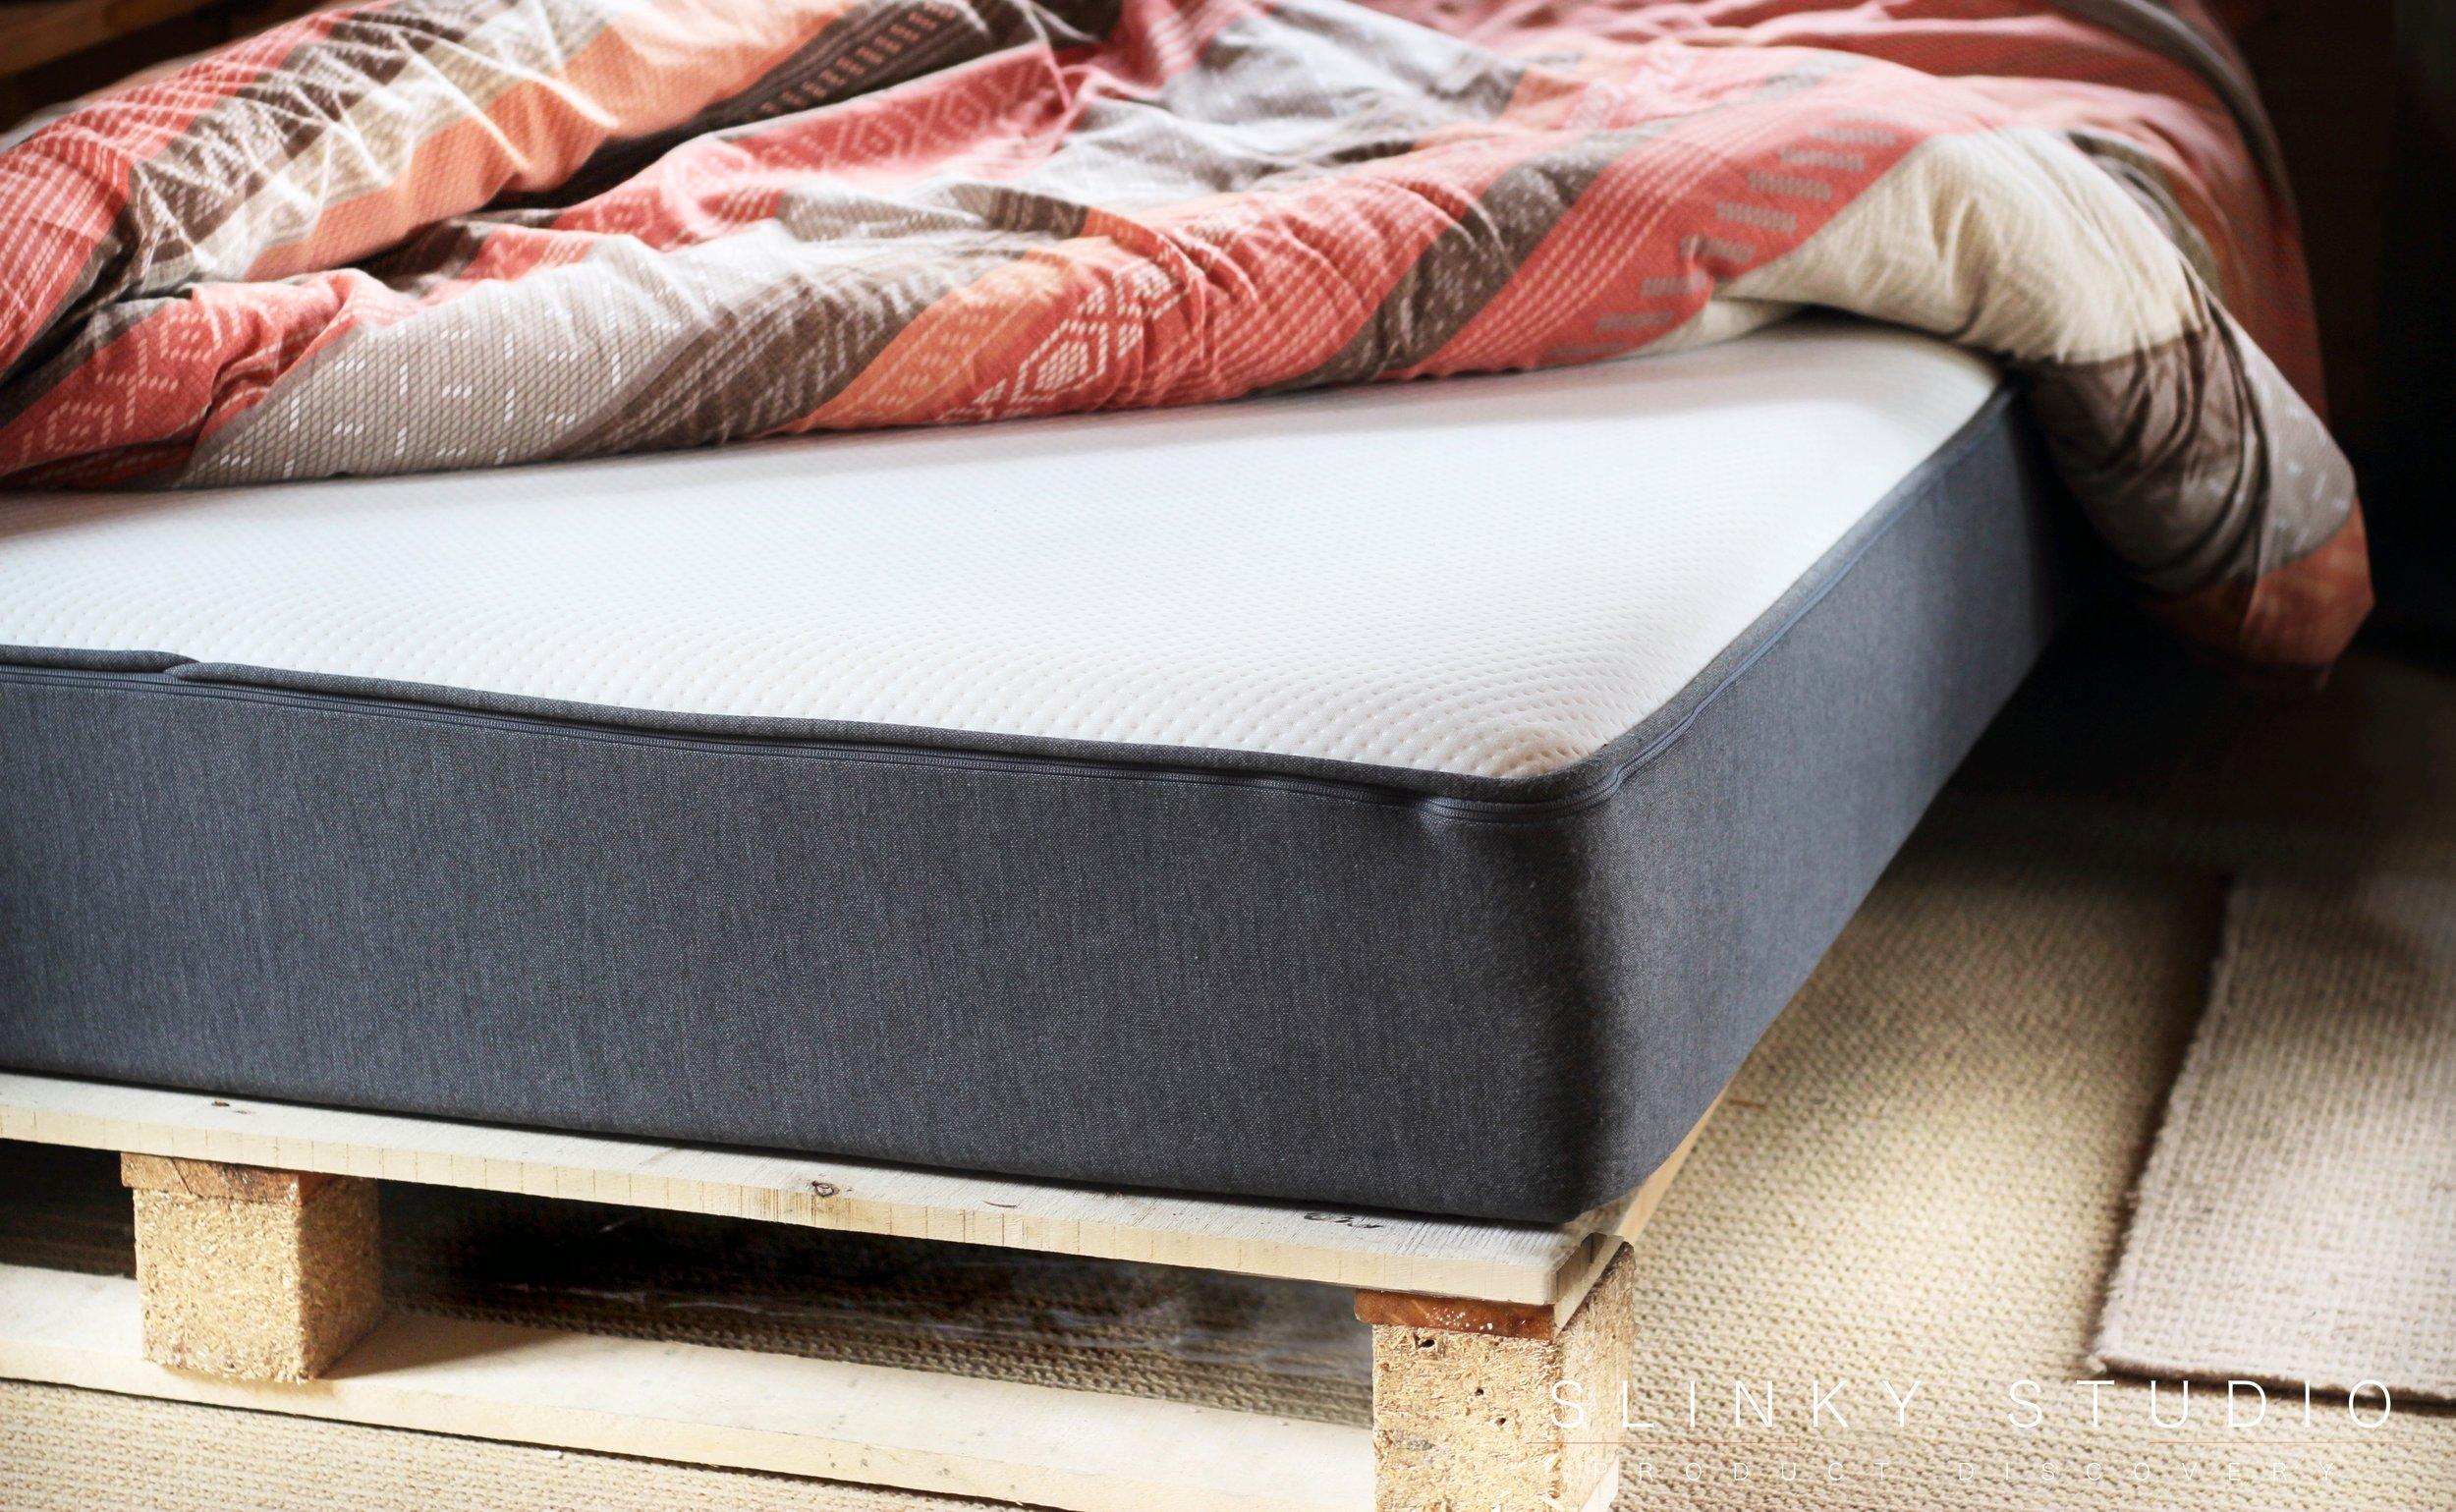 Casper Mattress Front View on Pallet Bed Frame.jpg